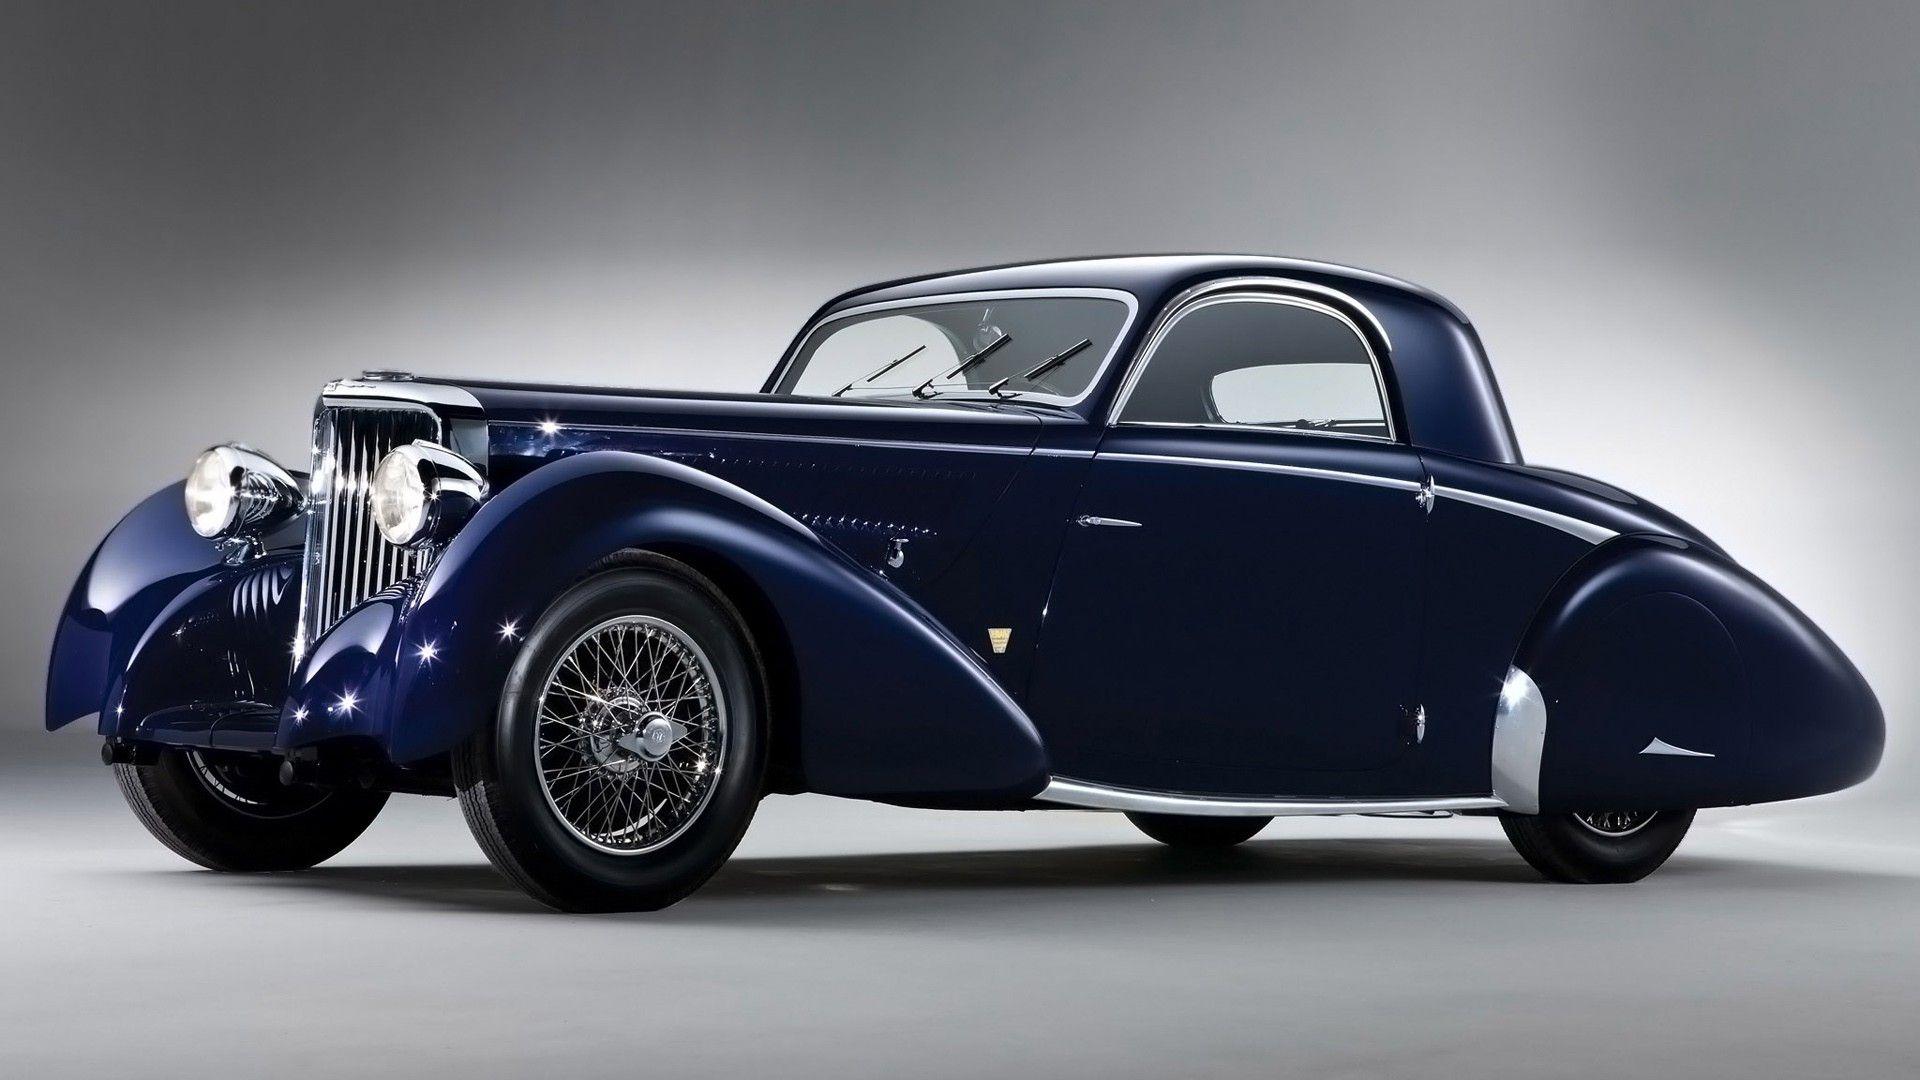 Cool #Classic #Cars